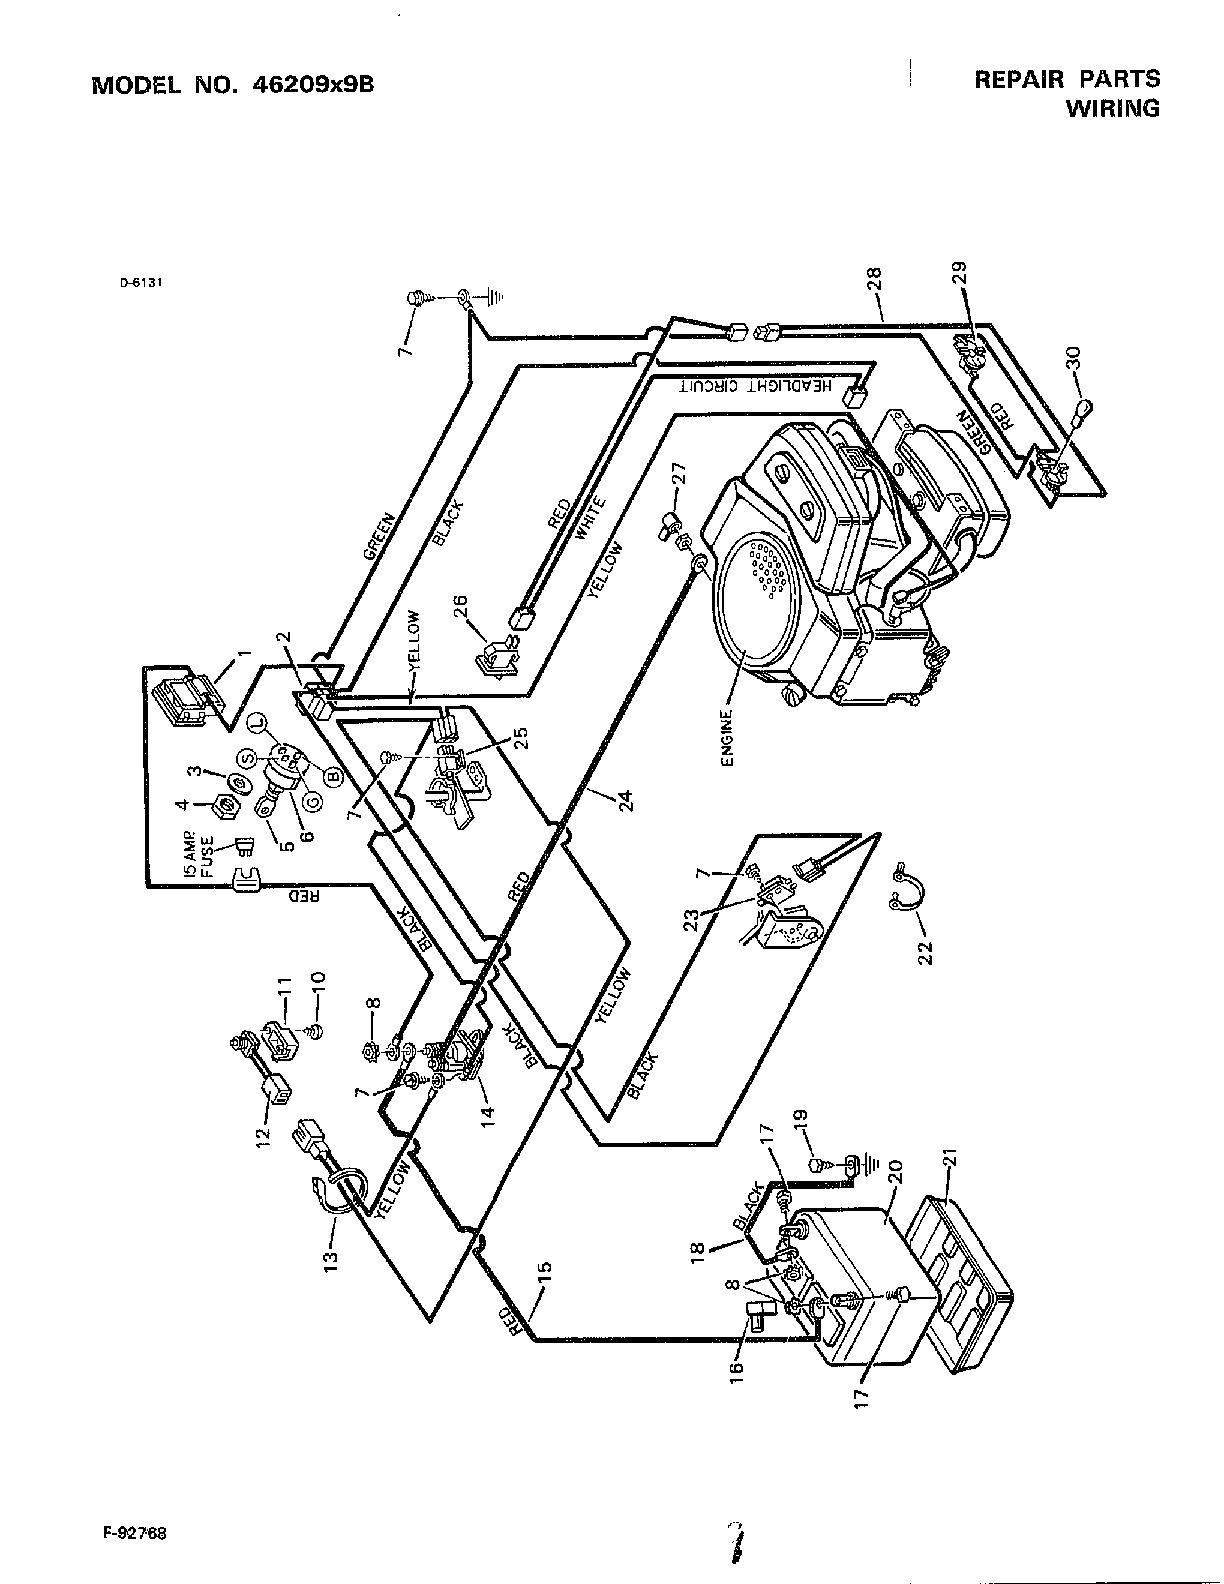 Ata110 b wiring diagram in addition 111452566544 moreover lifan 250cc atv parts moreover loncin 110 atv